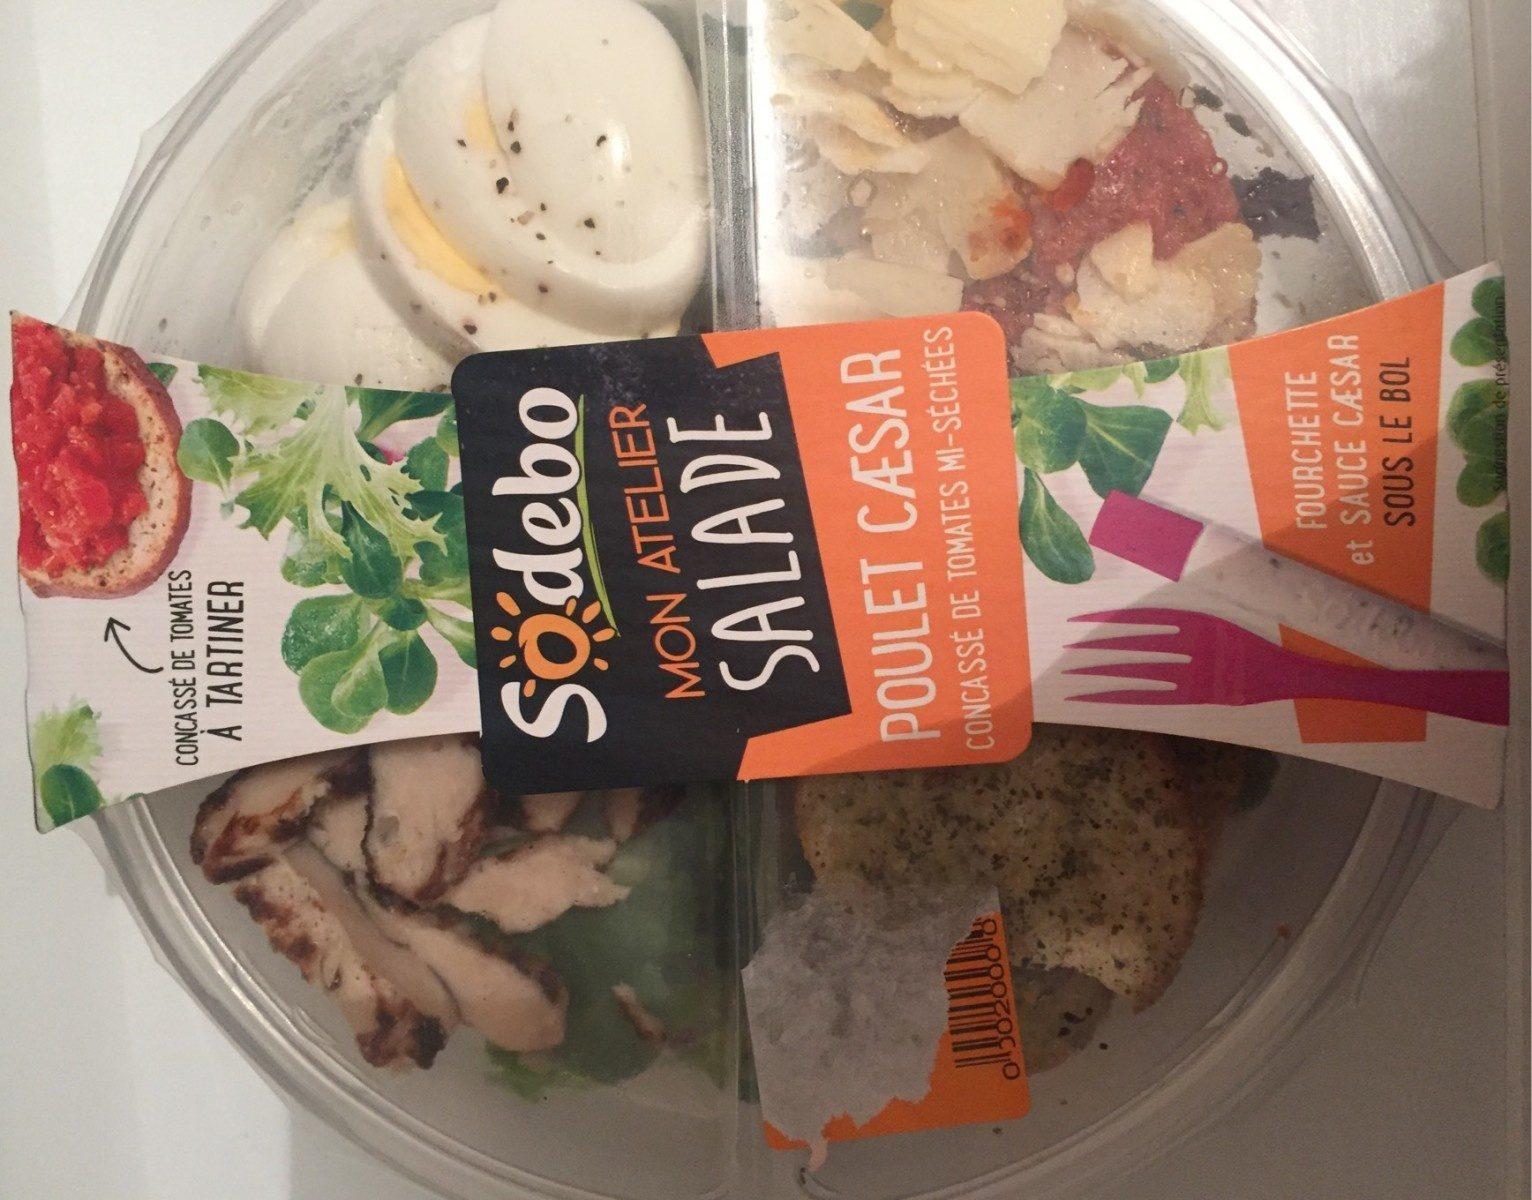 Salade poulet caesar - Produit - fr